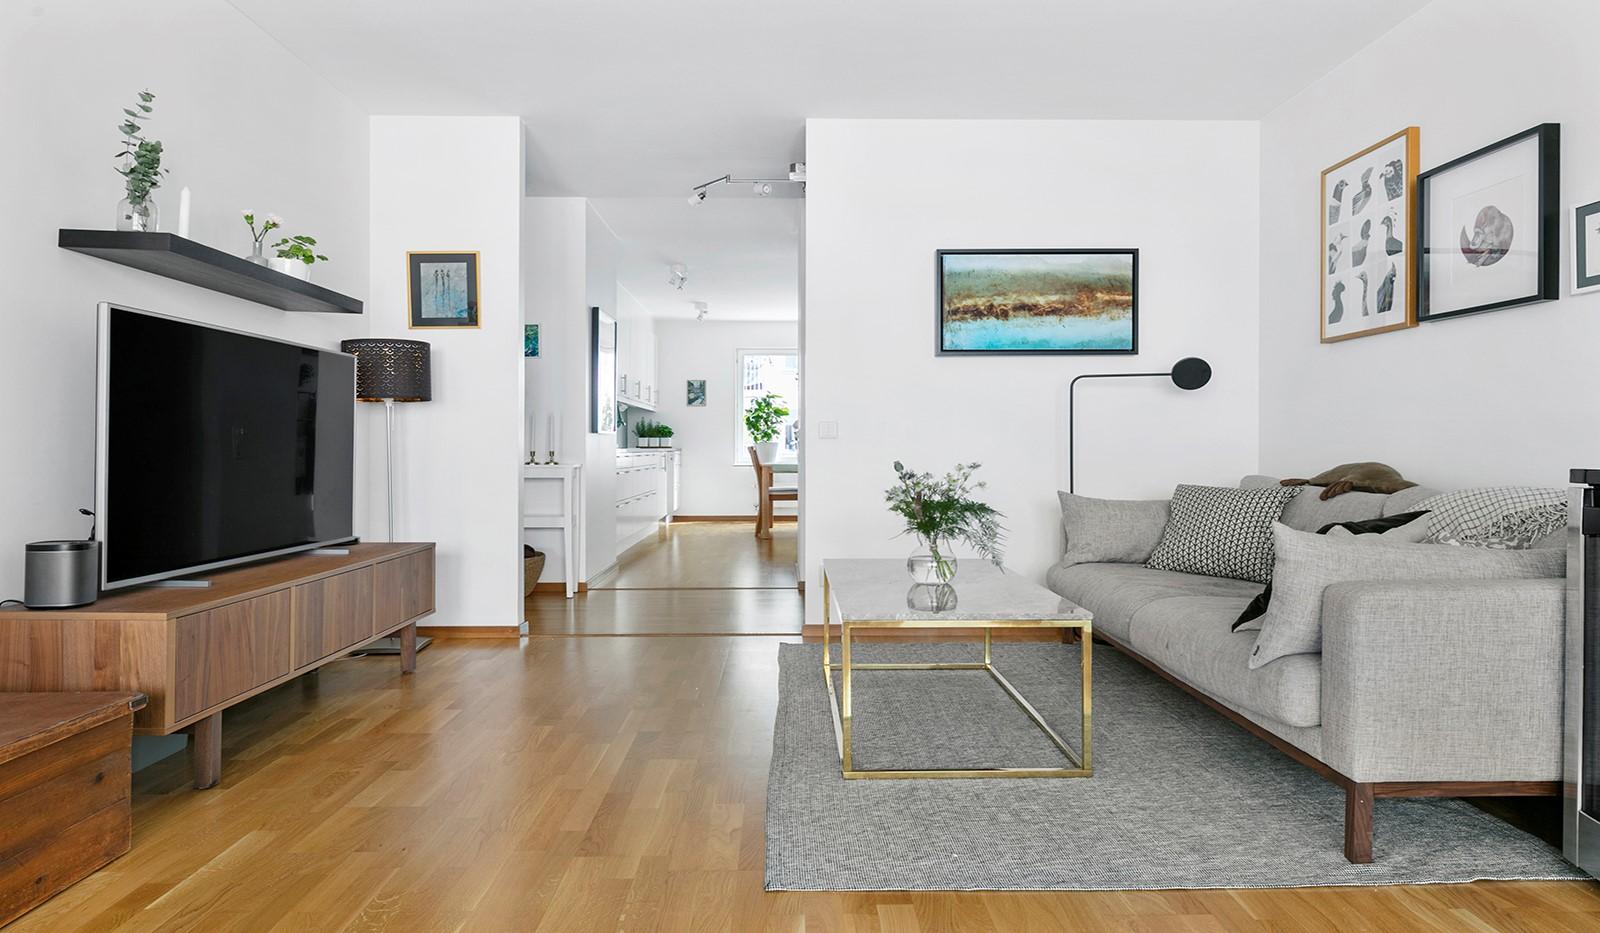 Marieviksgatan 44, 2 tr - Det vackra parkettgolvet är genomgående i hela bostaden